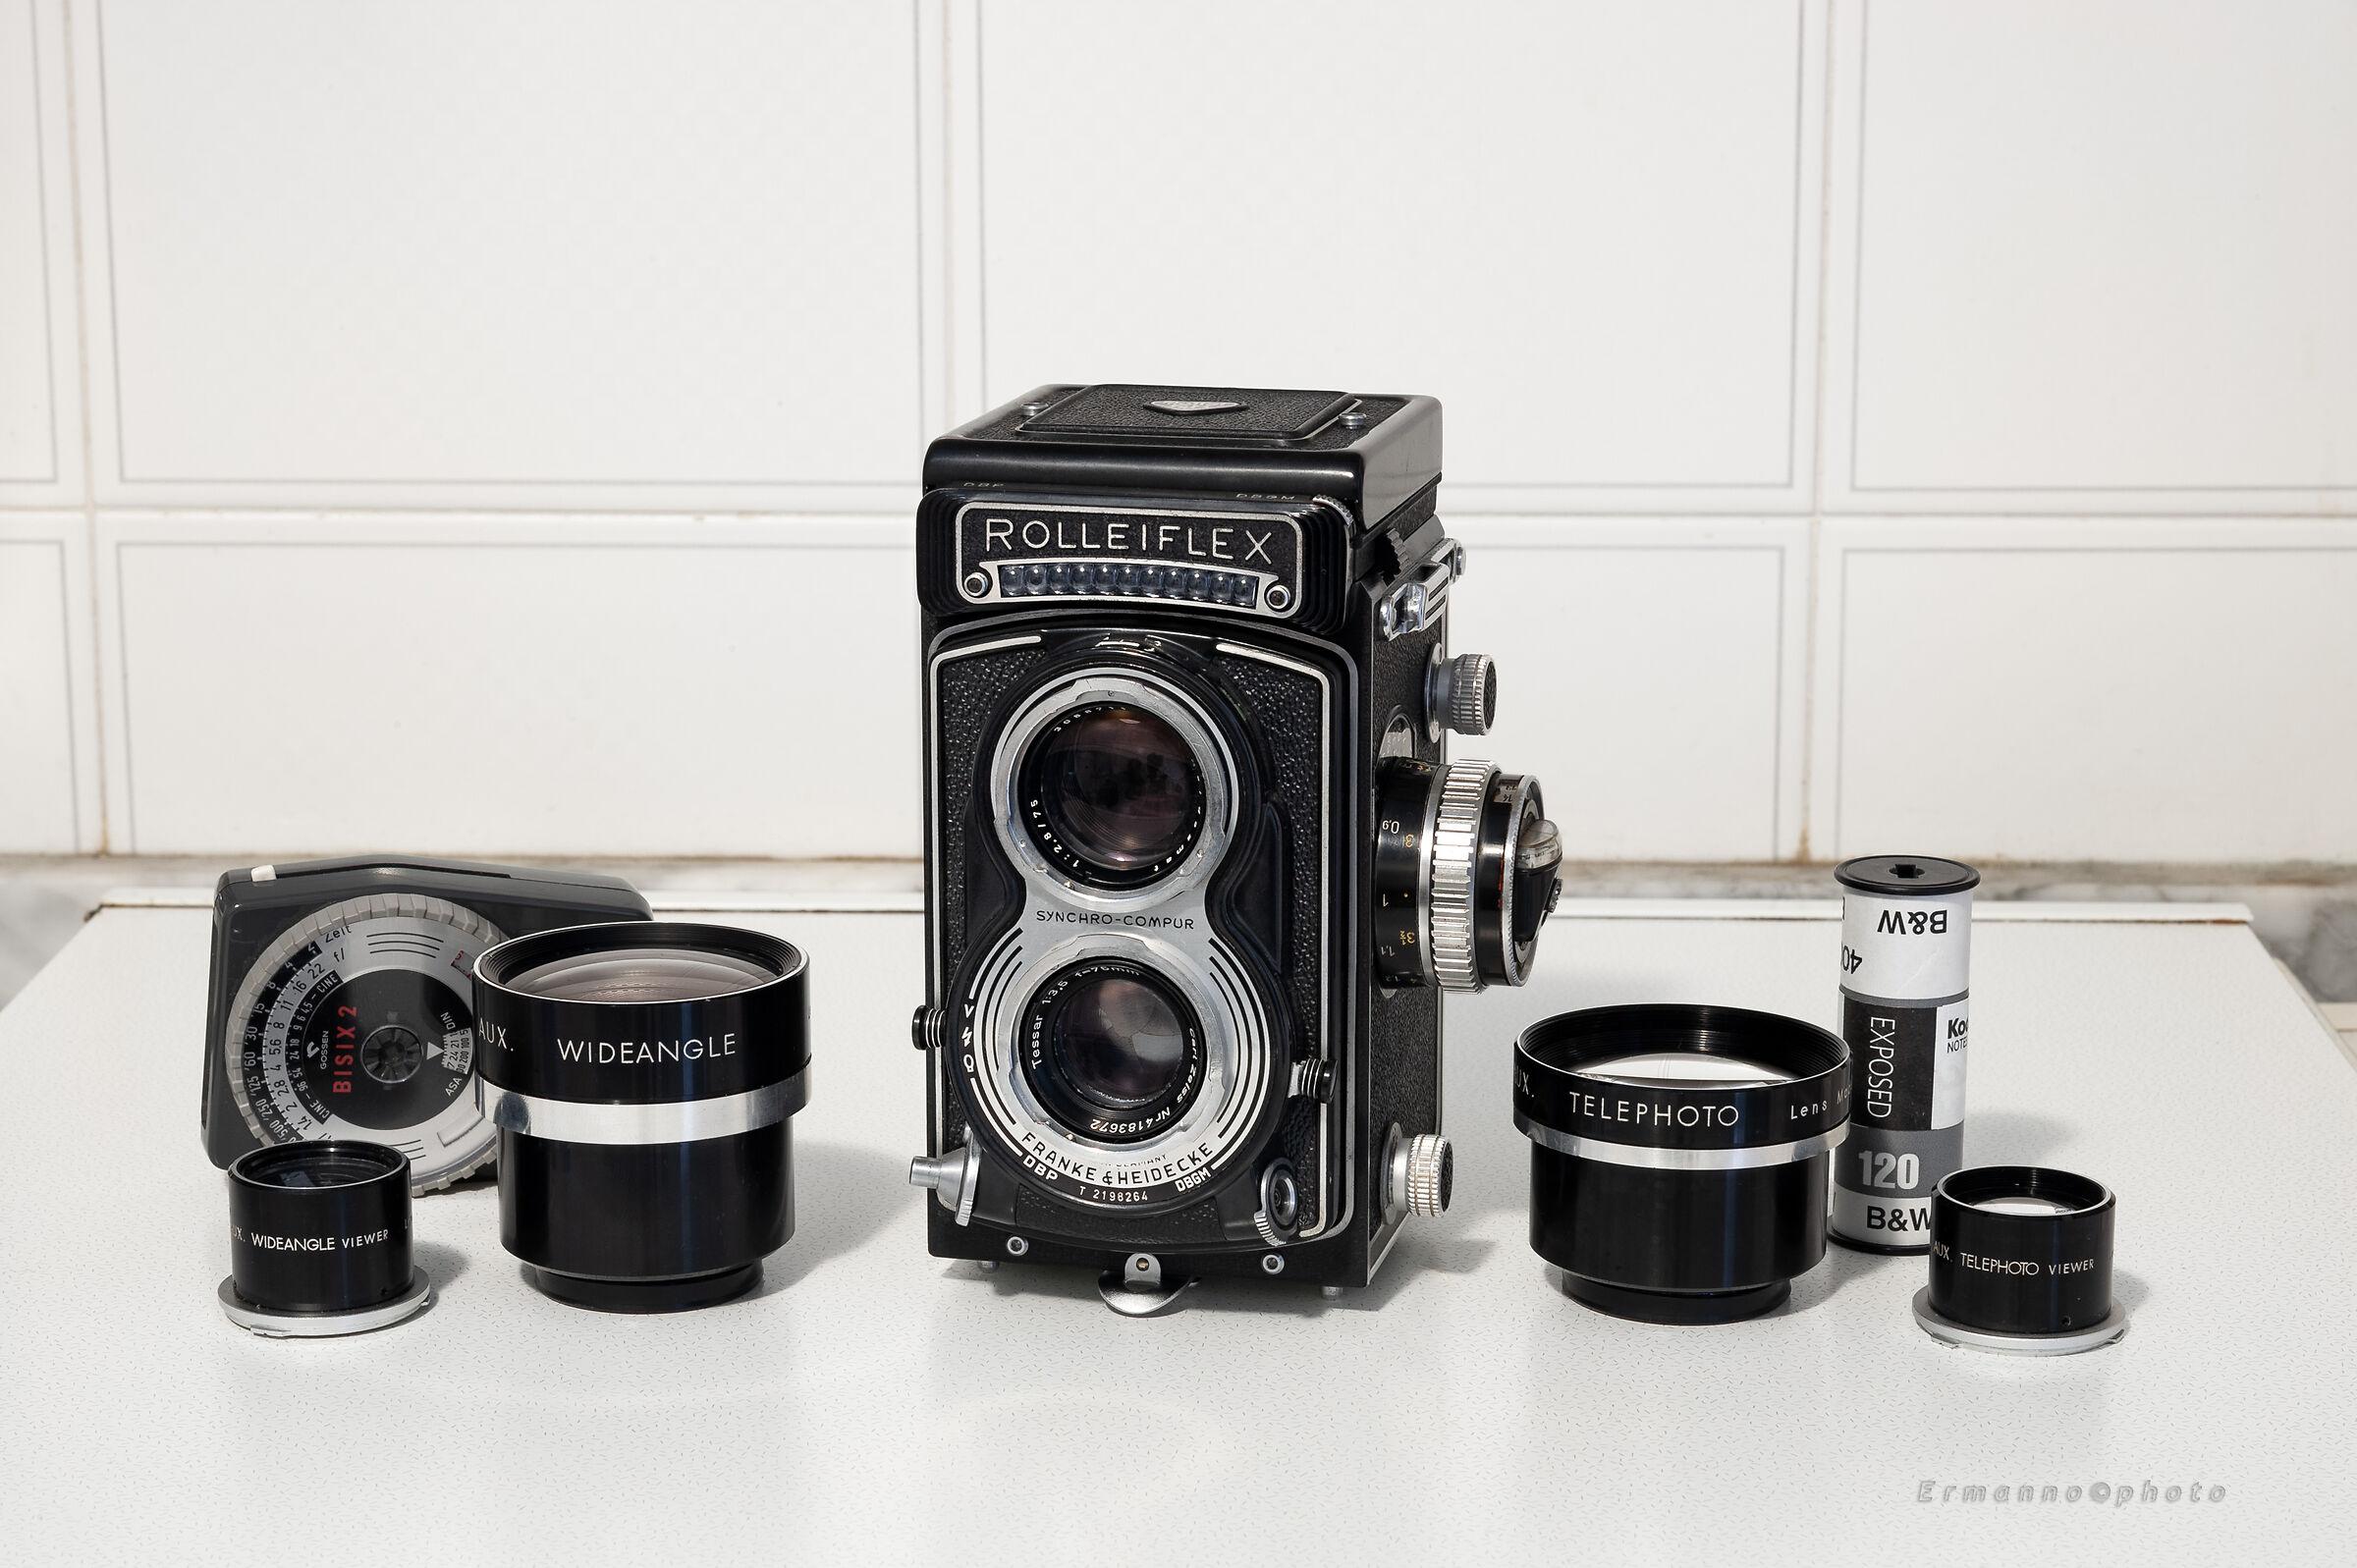 Rolleiflex Tessar 3.5...